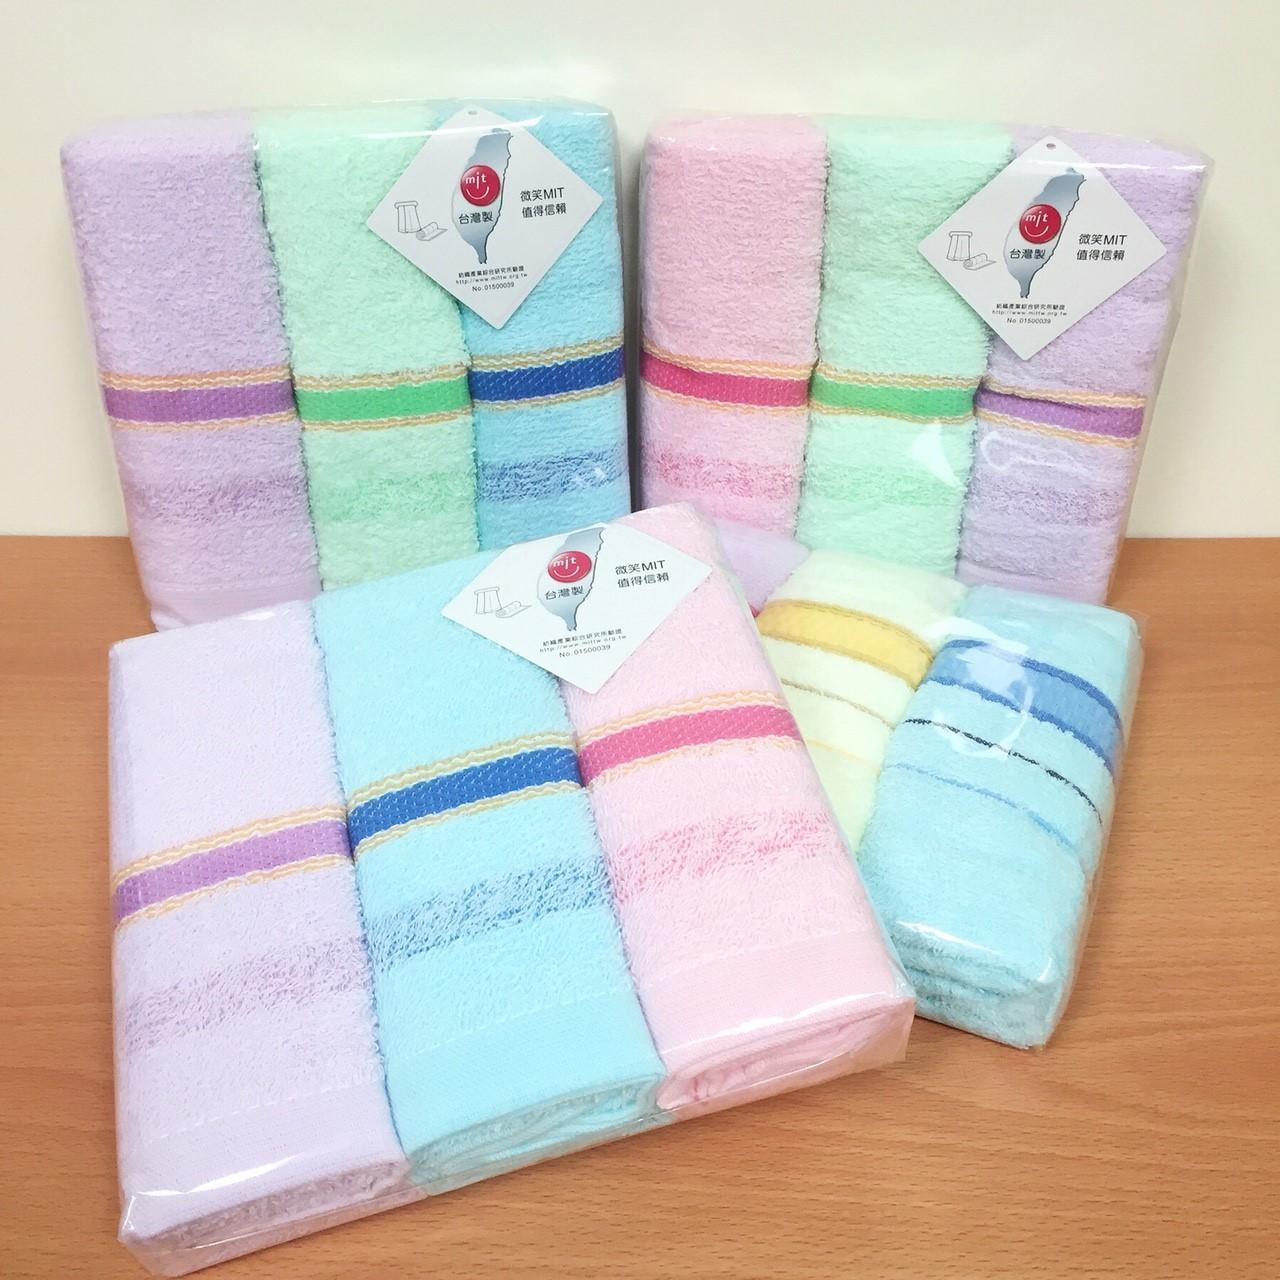 【絕版現貨優惠出清】 MIT台灣製造品質保證毛巾一包三條(顏色隨機出貨)